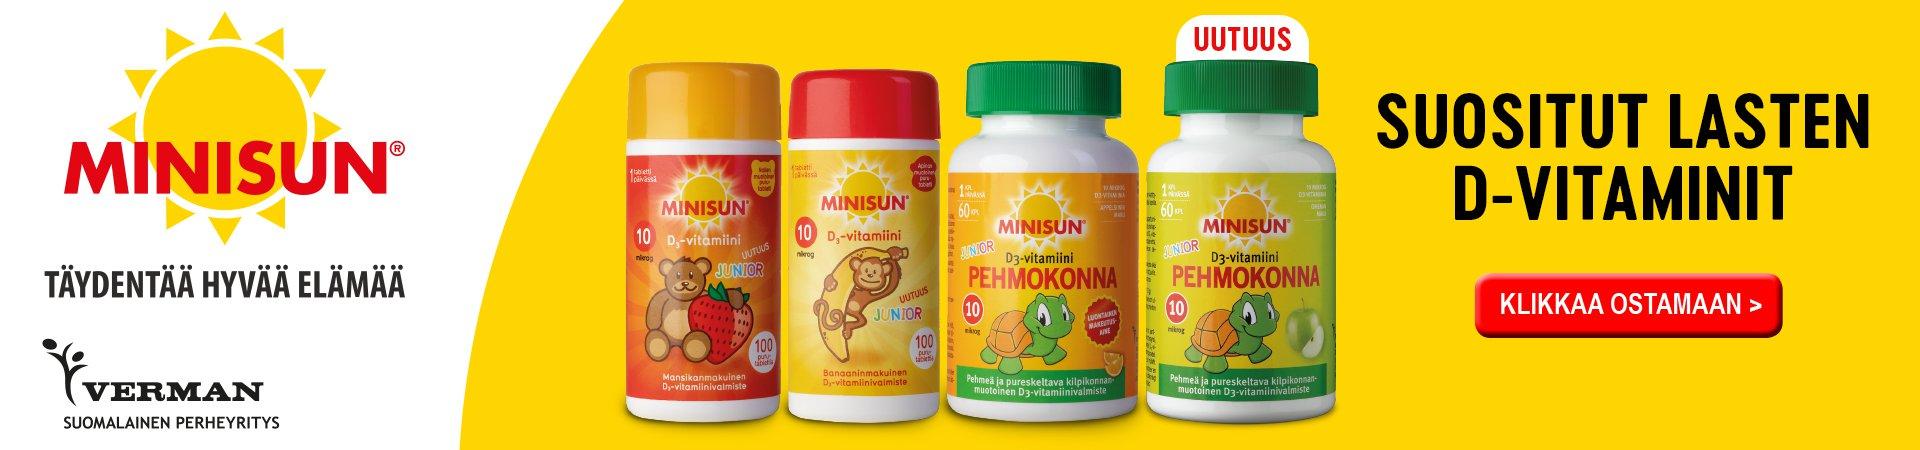 Minisun lasten vitamiinit